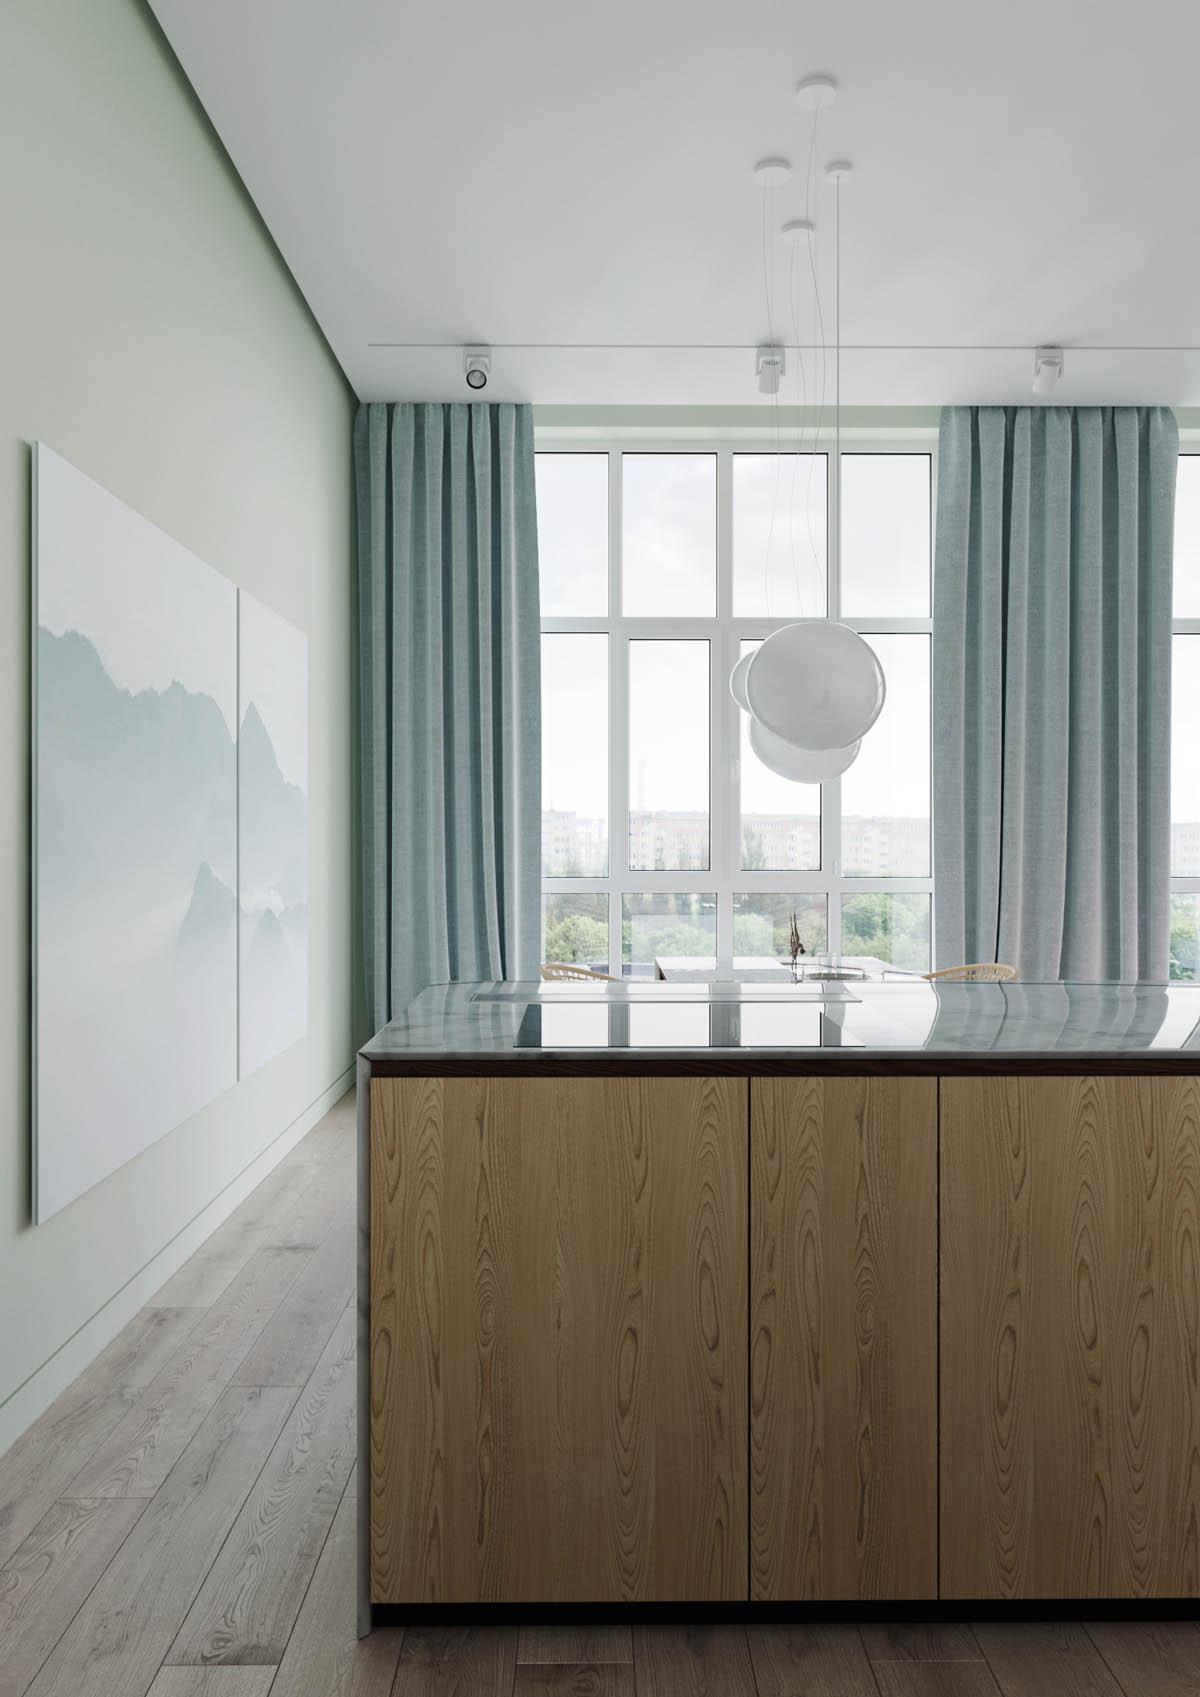 Современный дизайн в пастельных тонах: Фотообзор нежного интерьера